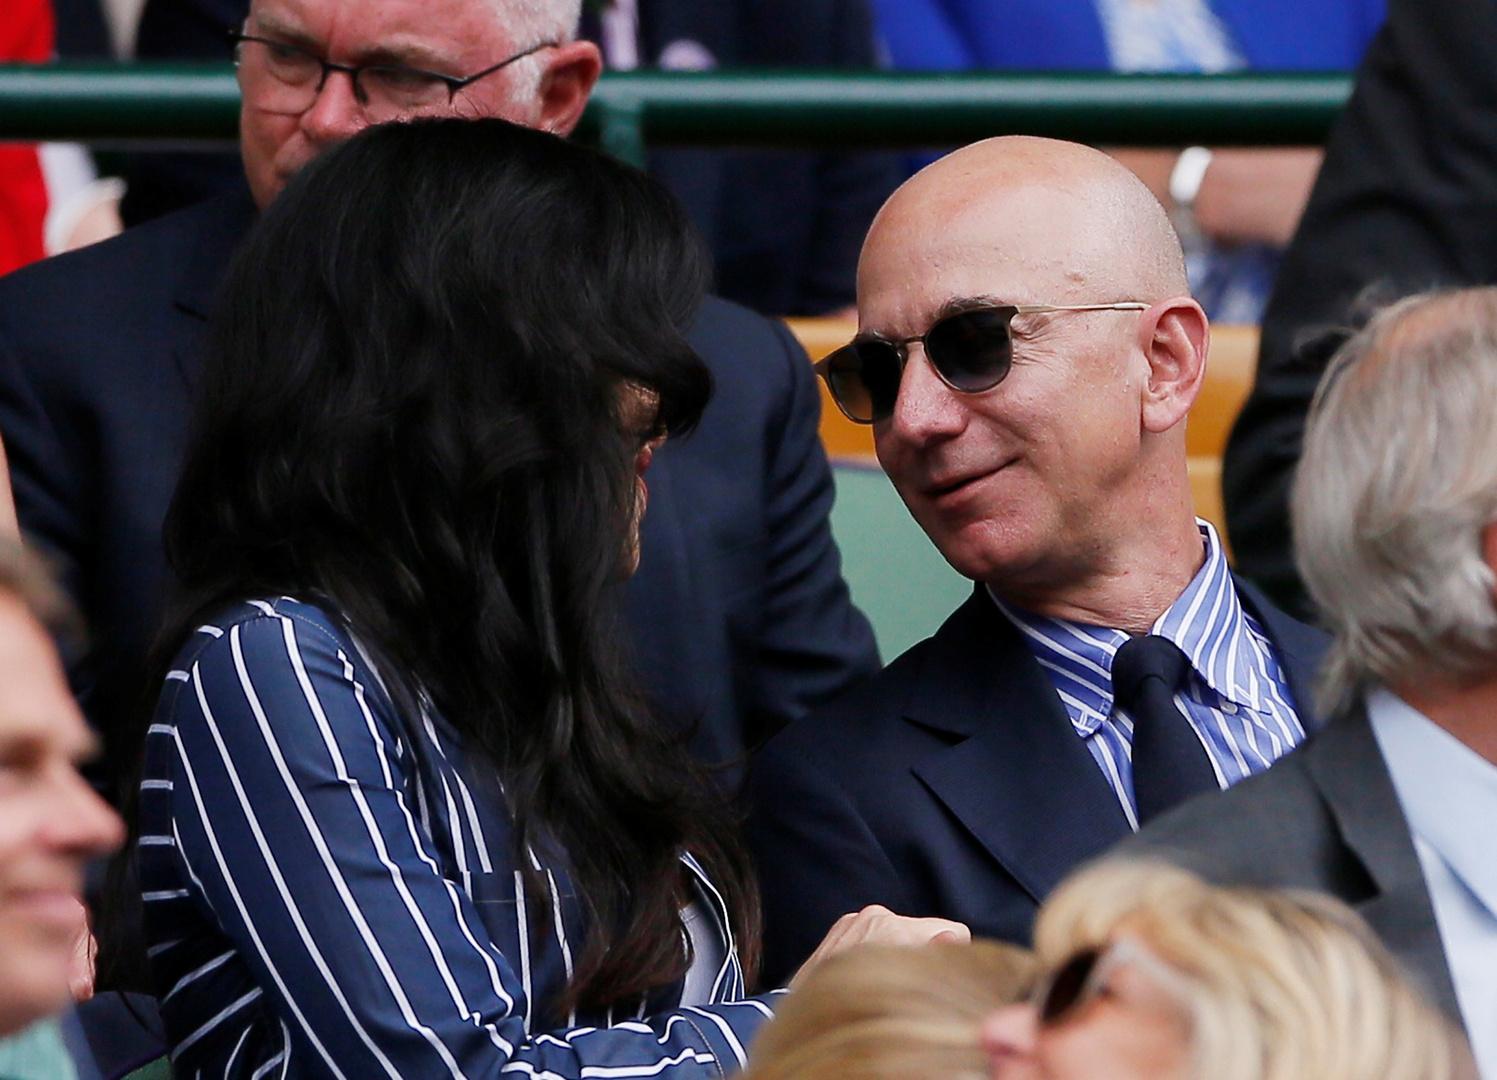 أغنى رجل في العالم يطالب شقيق صديقته بدفع 1.7 مليون دولار